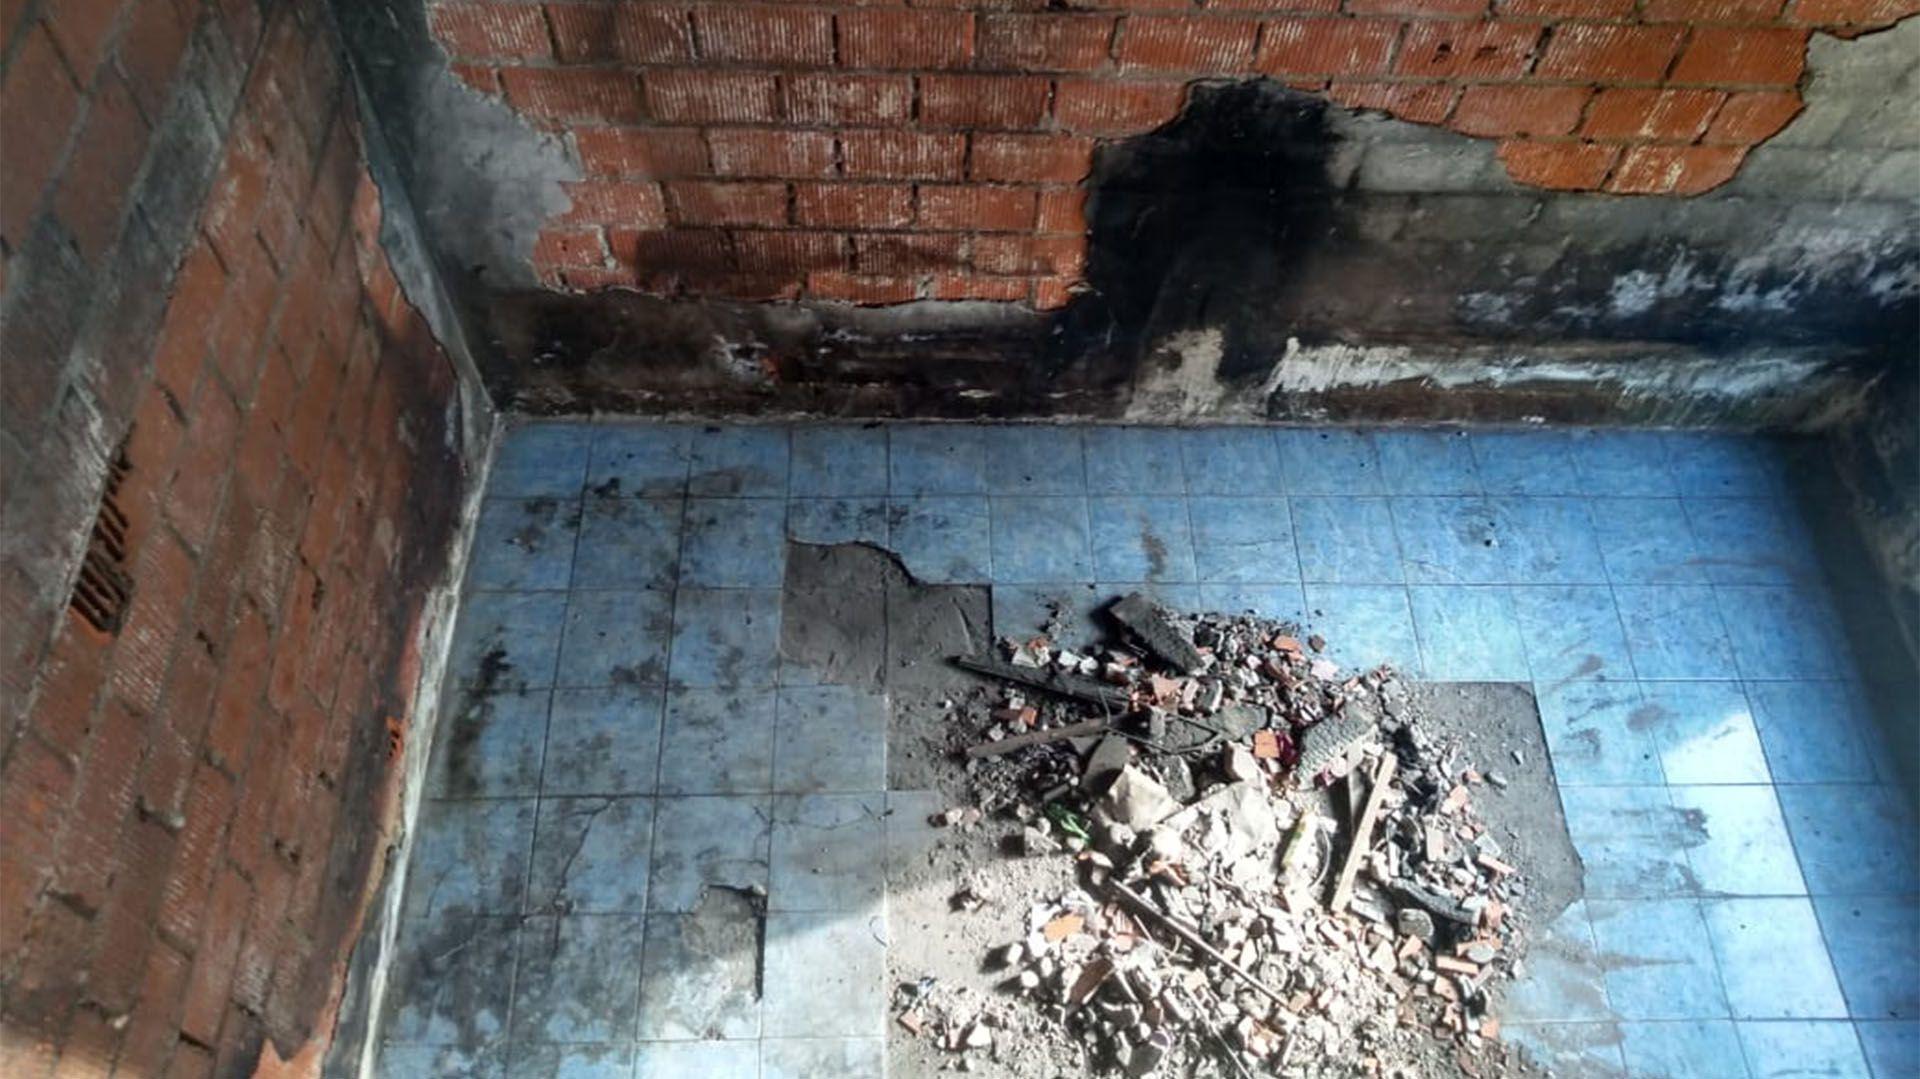 Los peritos dijeron que la casa quedó inhabitable por peligro de derrumbe. Ahora Ester hace horas extras y recibe ayuda del municipio para construir una nueva vivienda